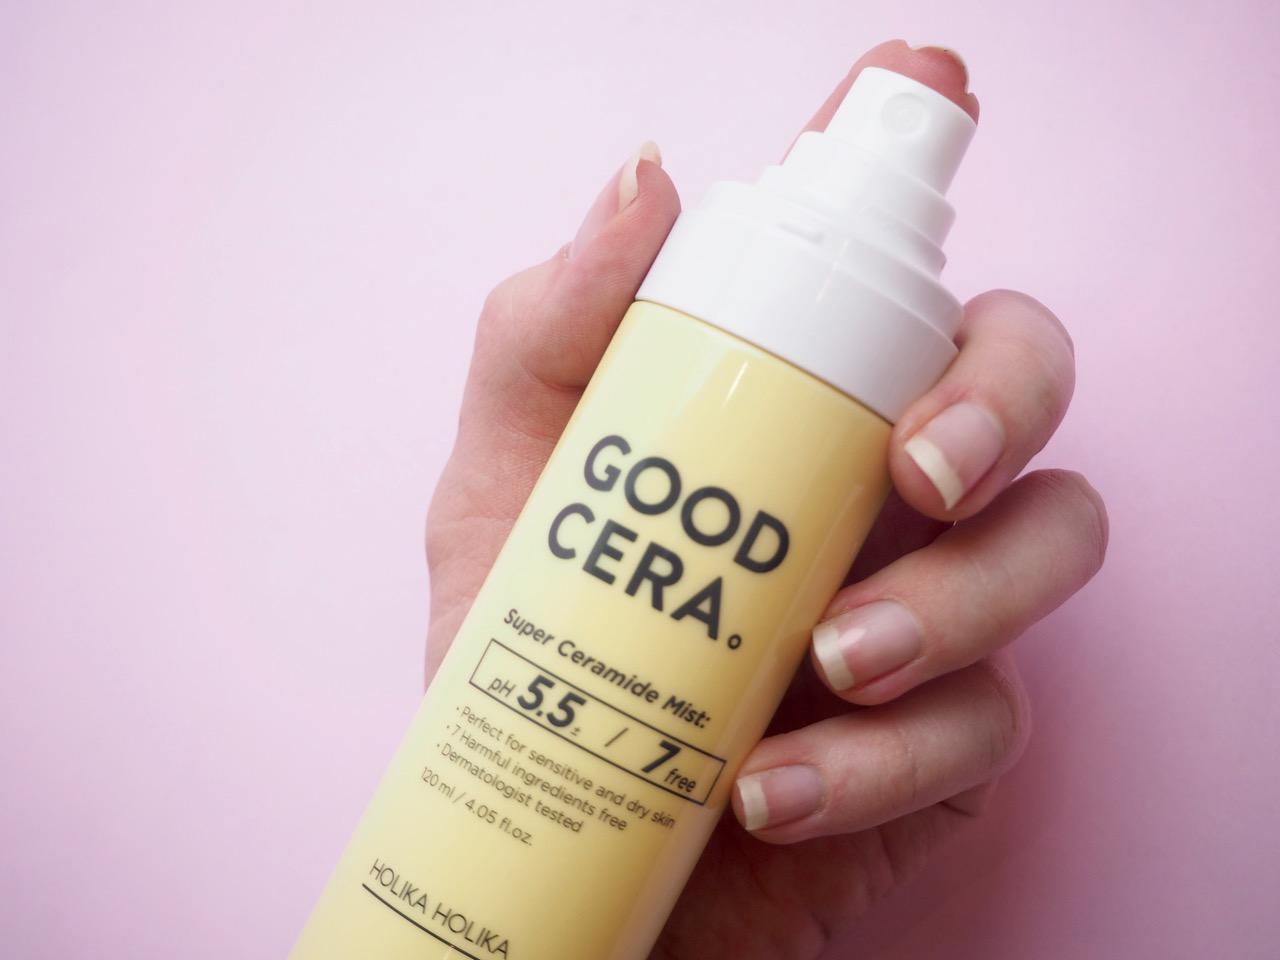 Holika Holika Good Cera Super Ceramide Mist -kasvosuihke tuo tehokasta kosteutusta kuivalle ja herkälle iholle. Kasvosuihkeen ravitseva koostumus auttaa vahvistamaan ihon luonnollista suojaa keramidien avulla